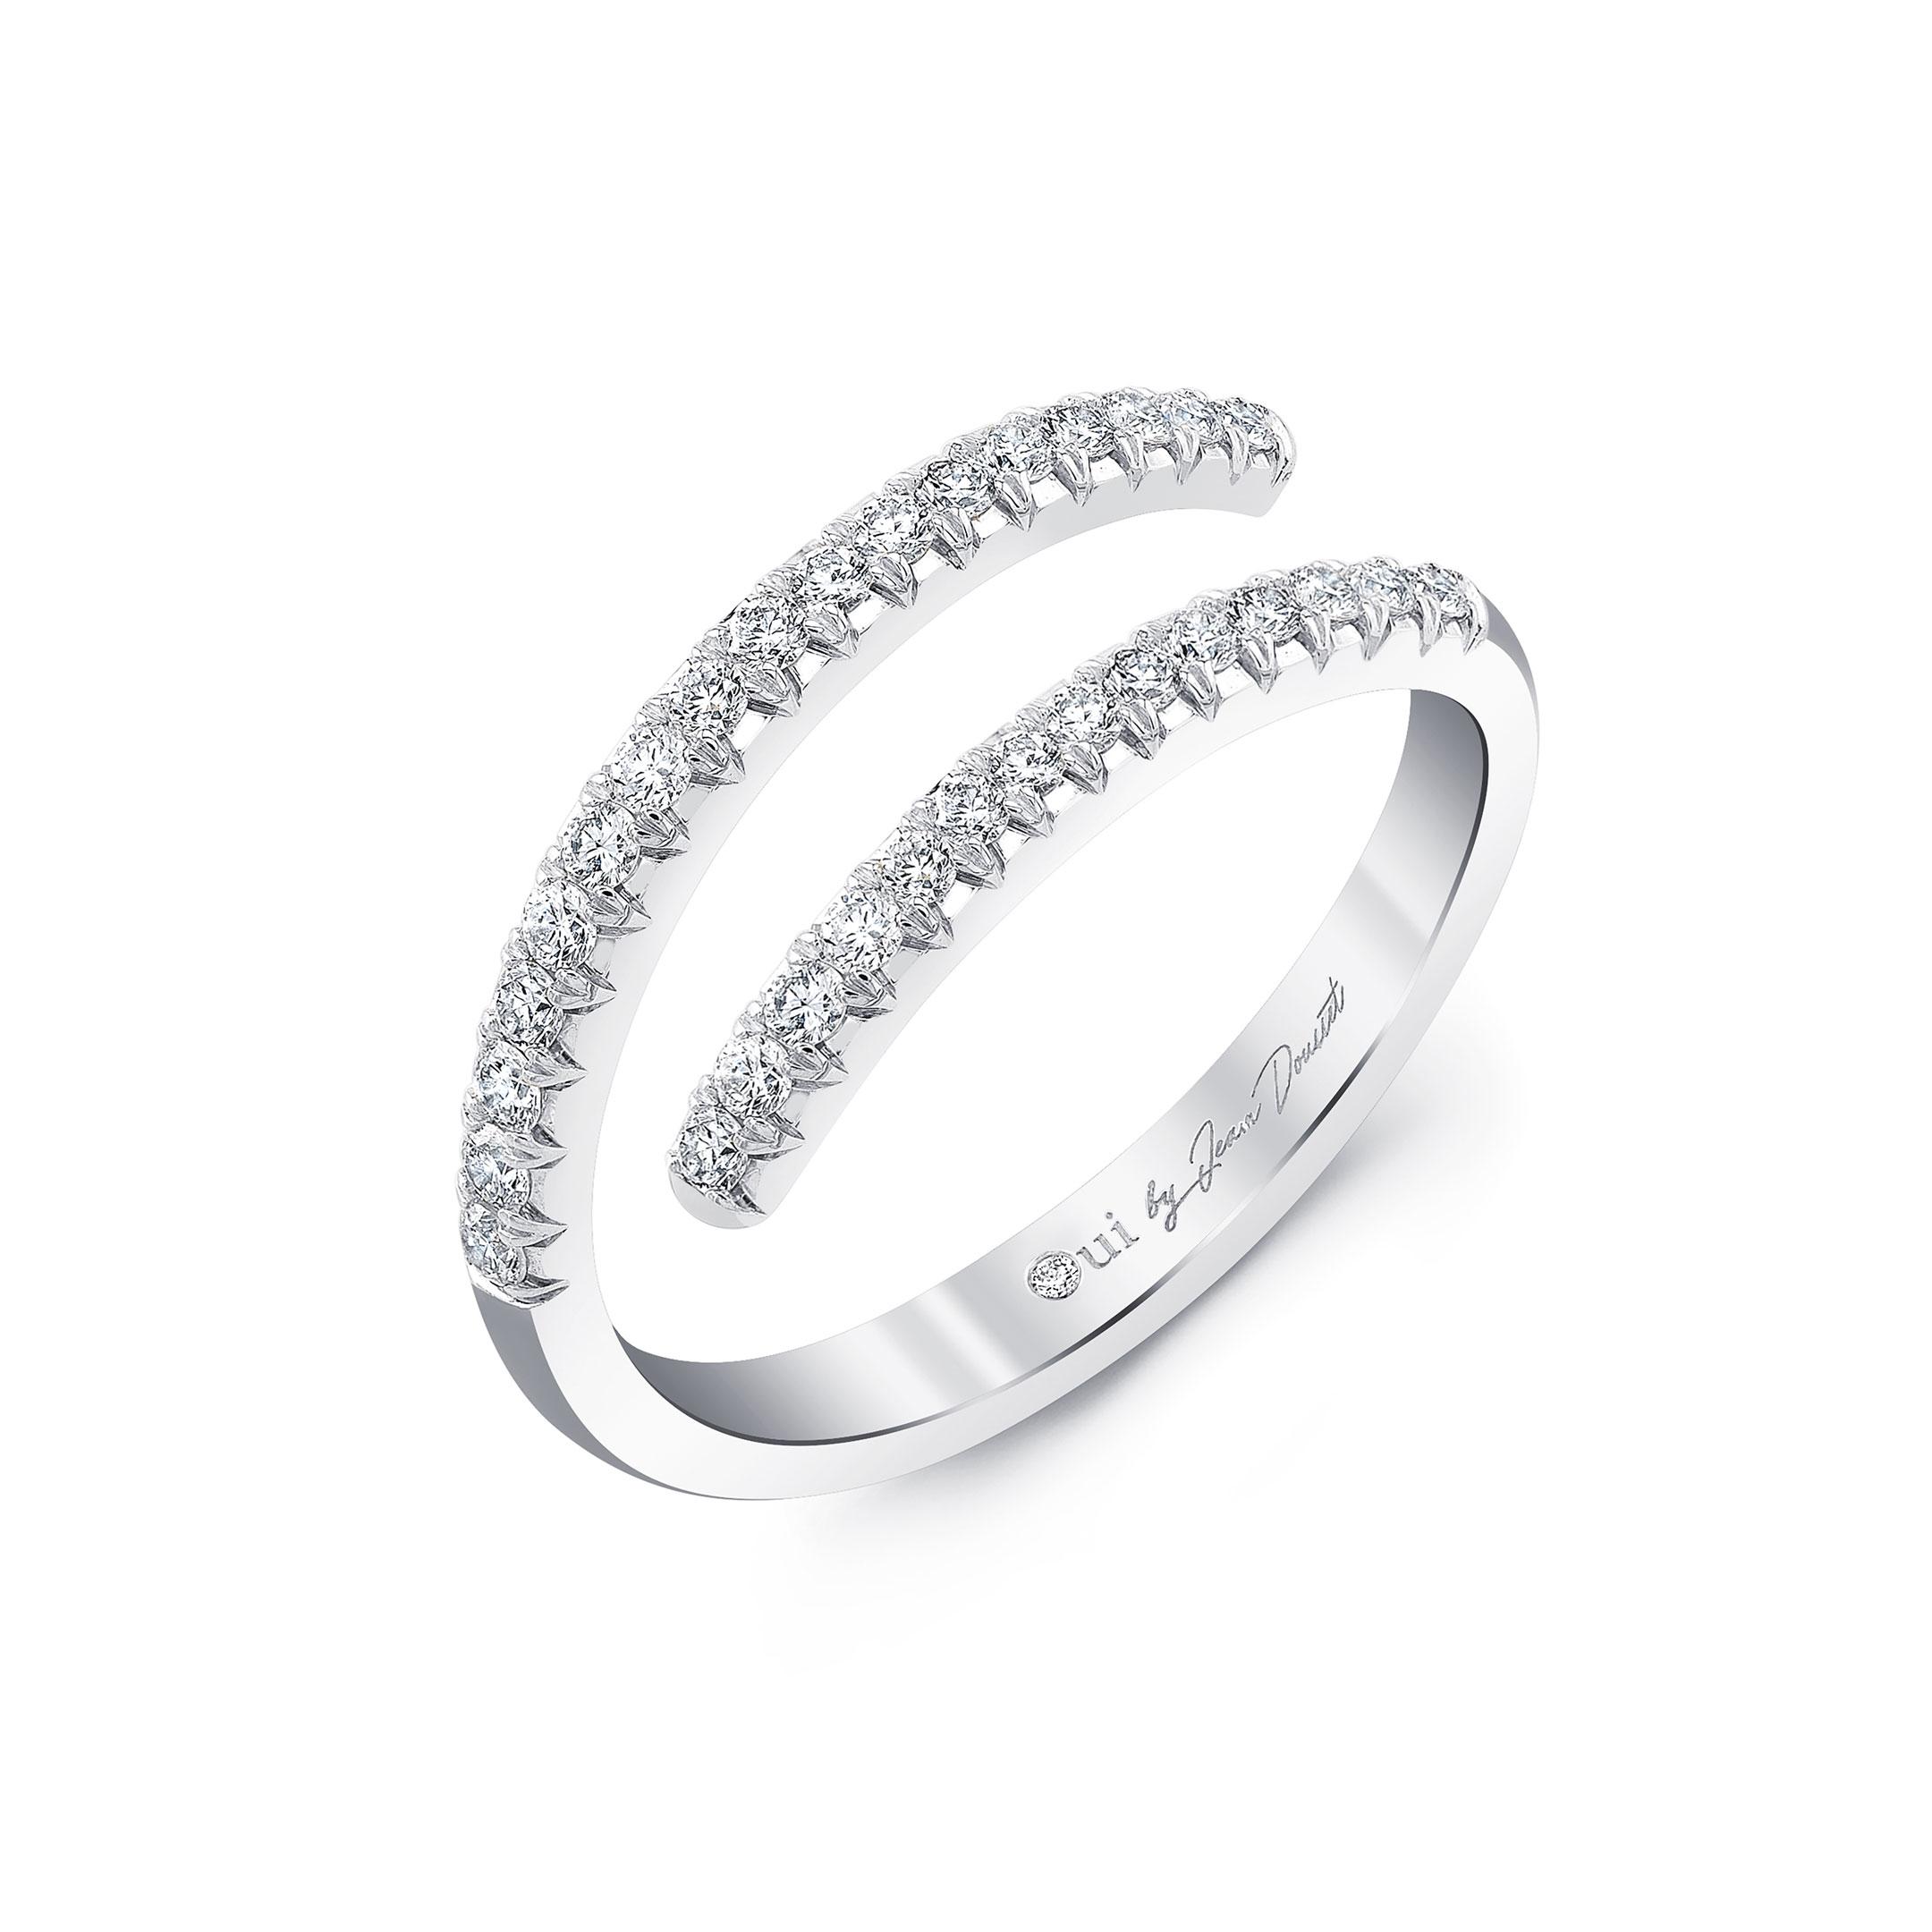 Diamond Pavé Wrap Ring in 18k White Gold Profile View by Oui by Jean Dousset